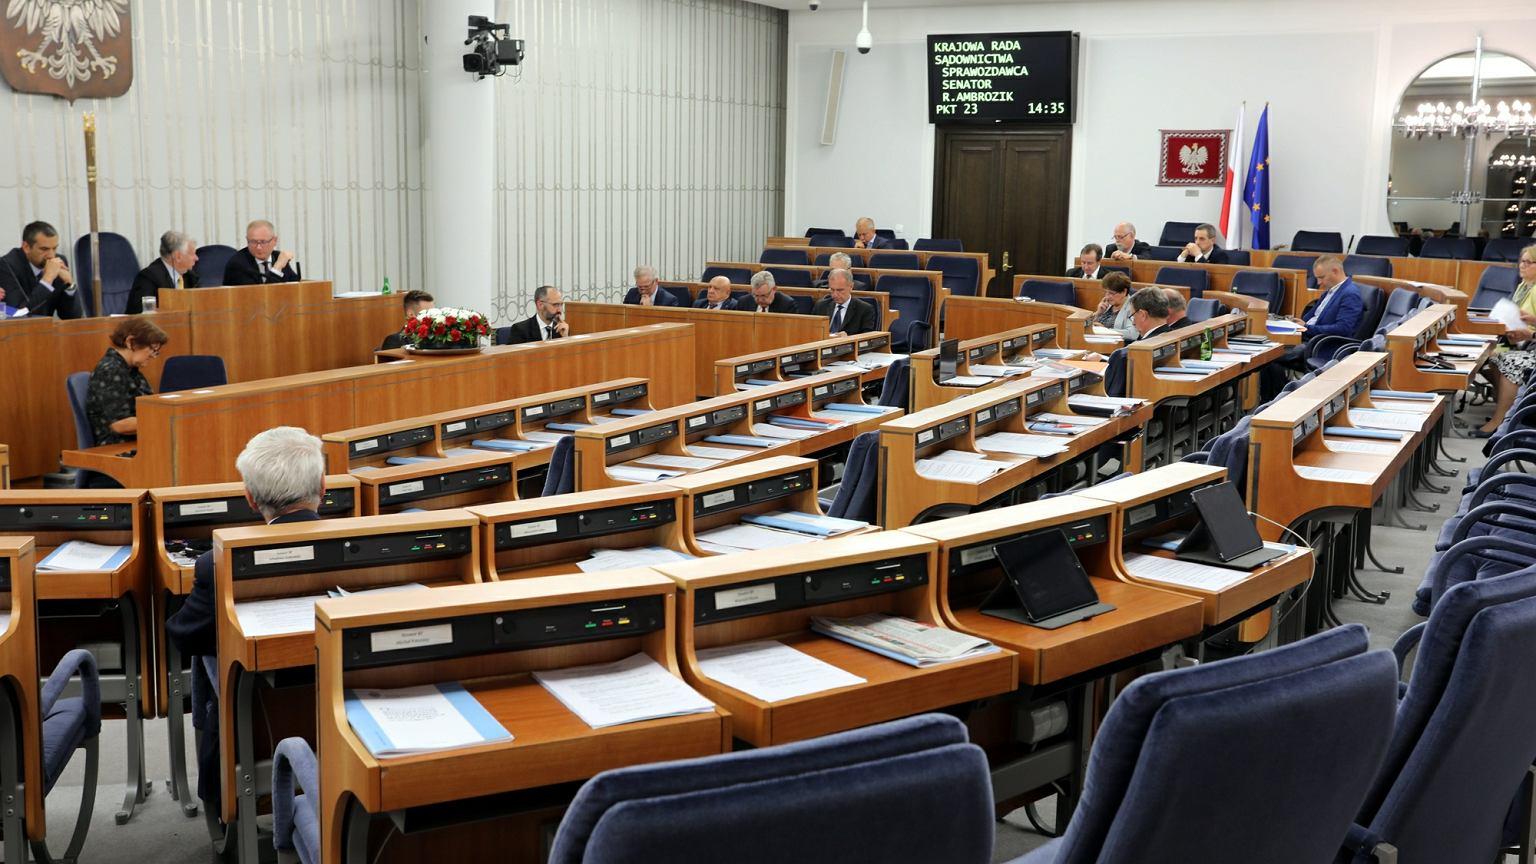 Komisja senacka poparła bez poprawek Ustawy o KRS i SN